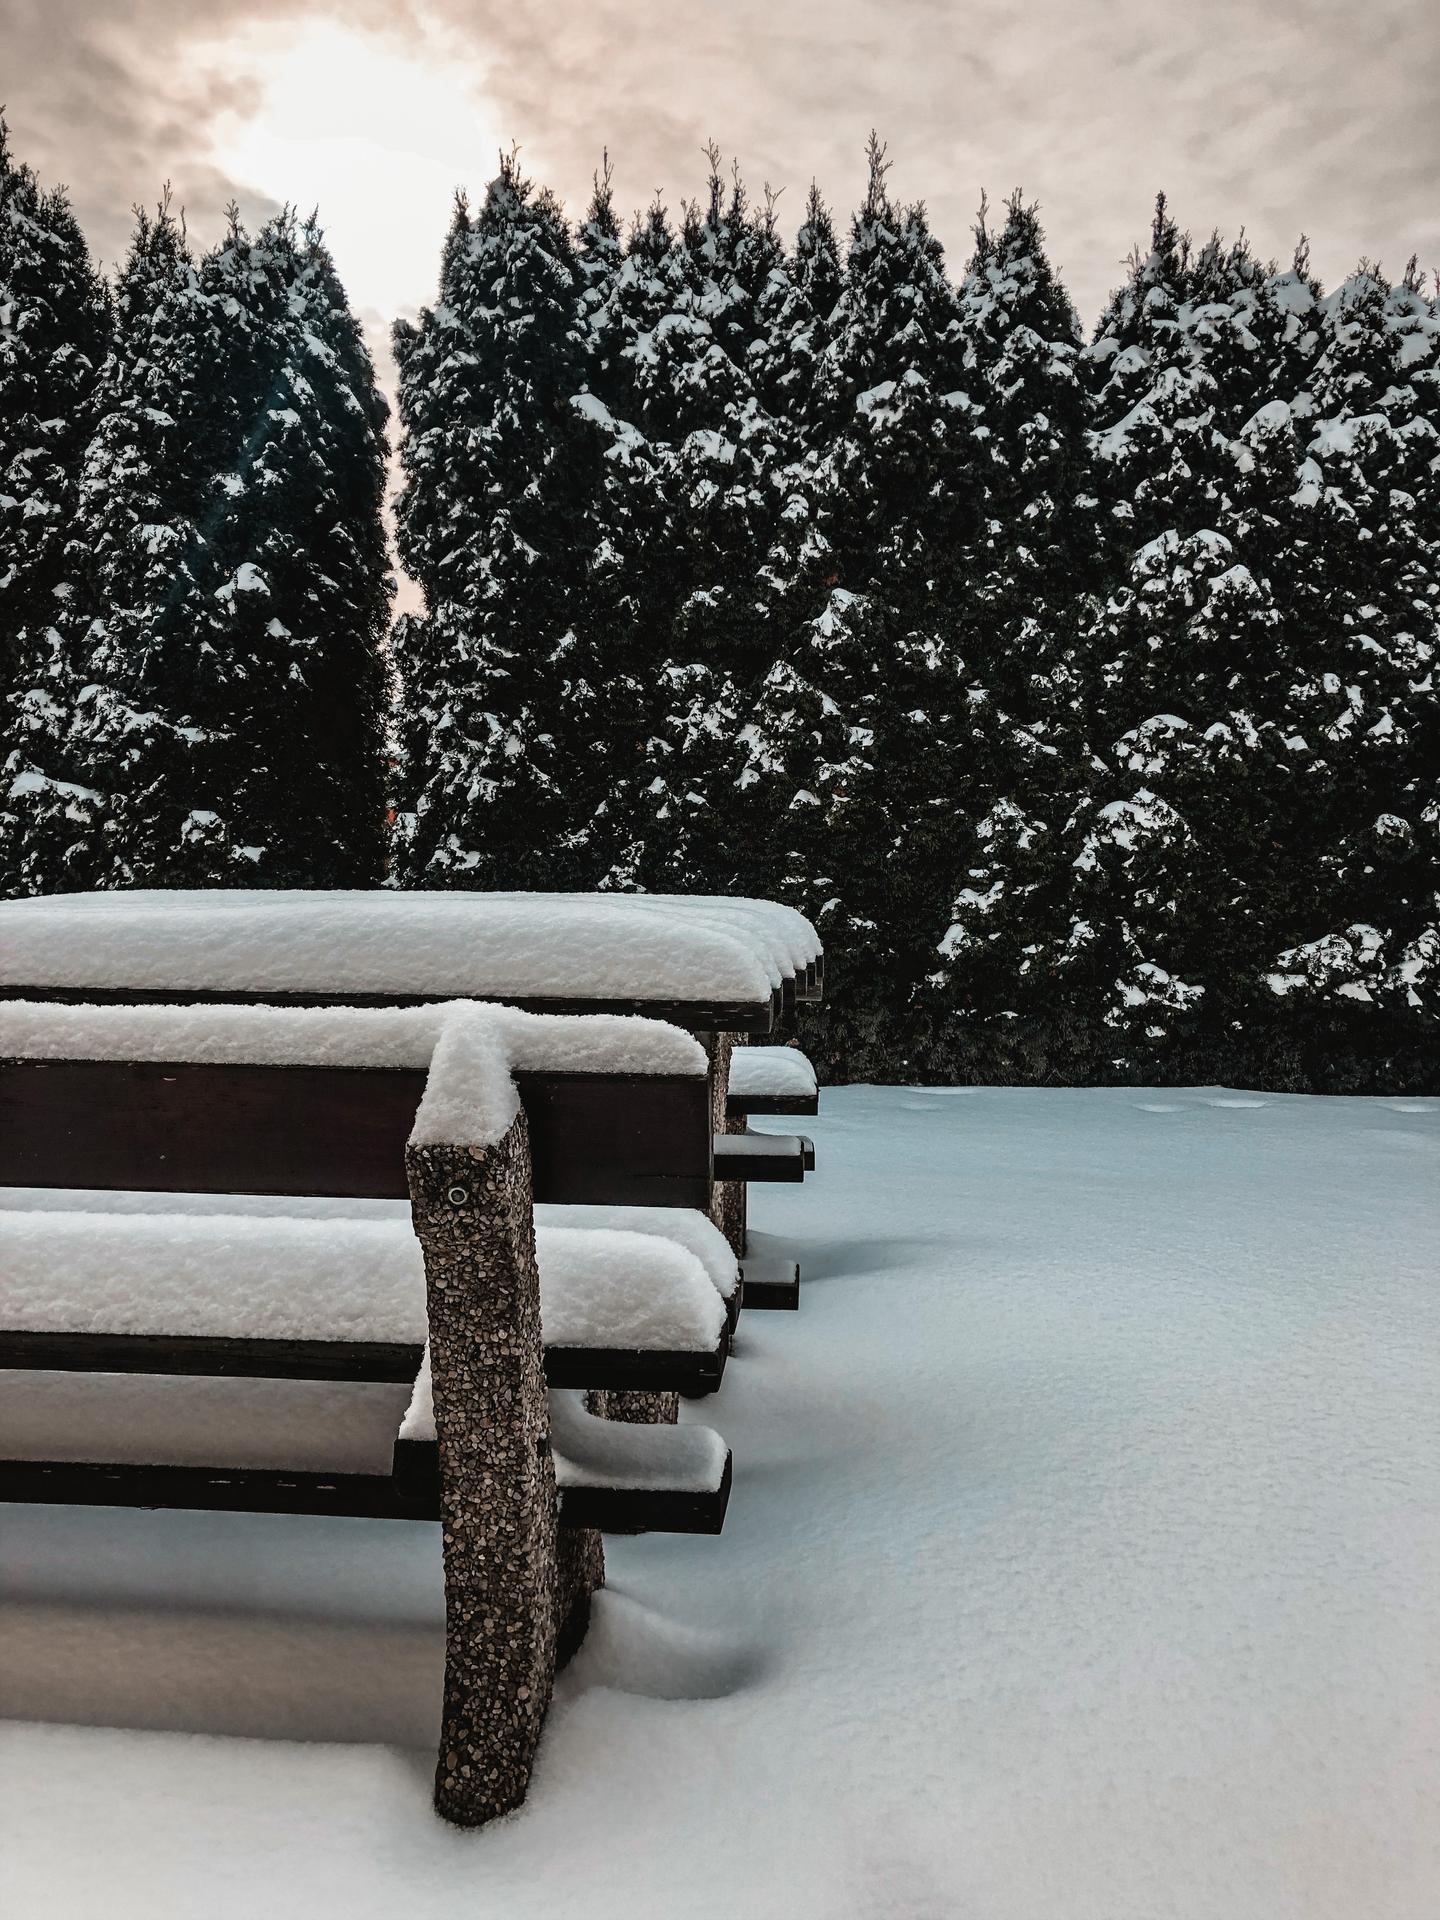 Tato zima je opravdu kouzelná. ☺️ - Obrázek č. 1